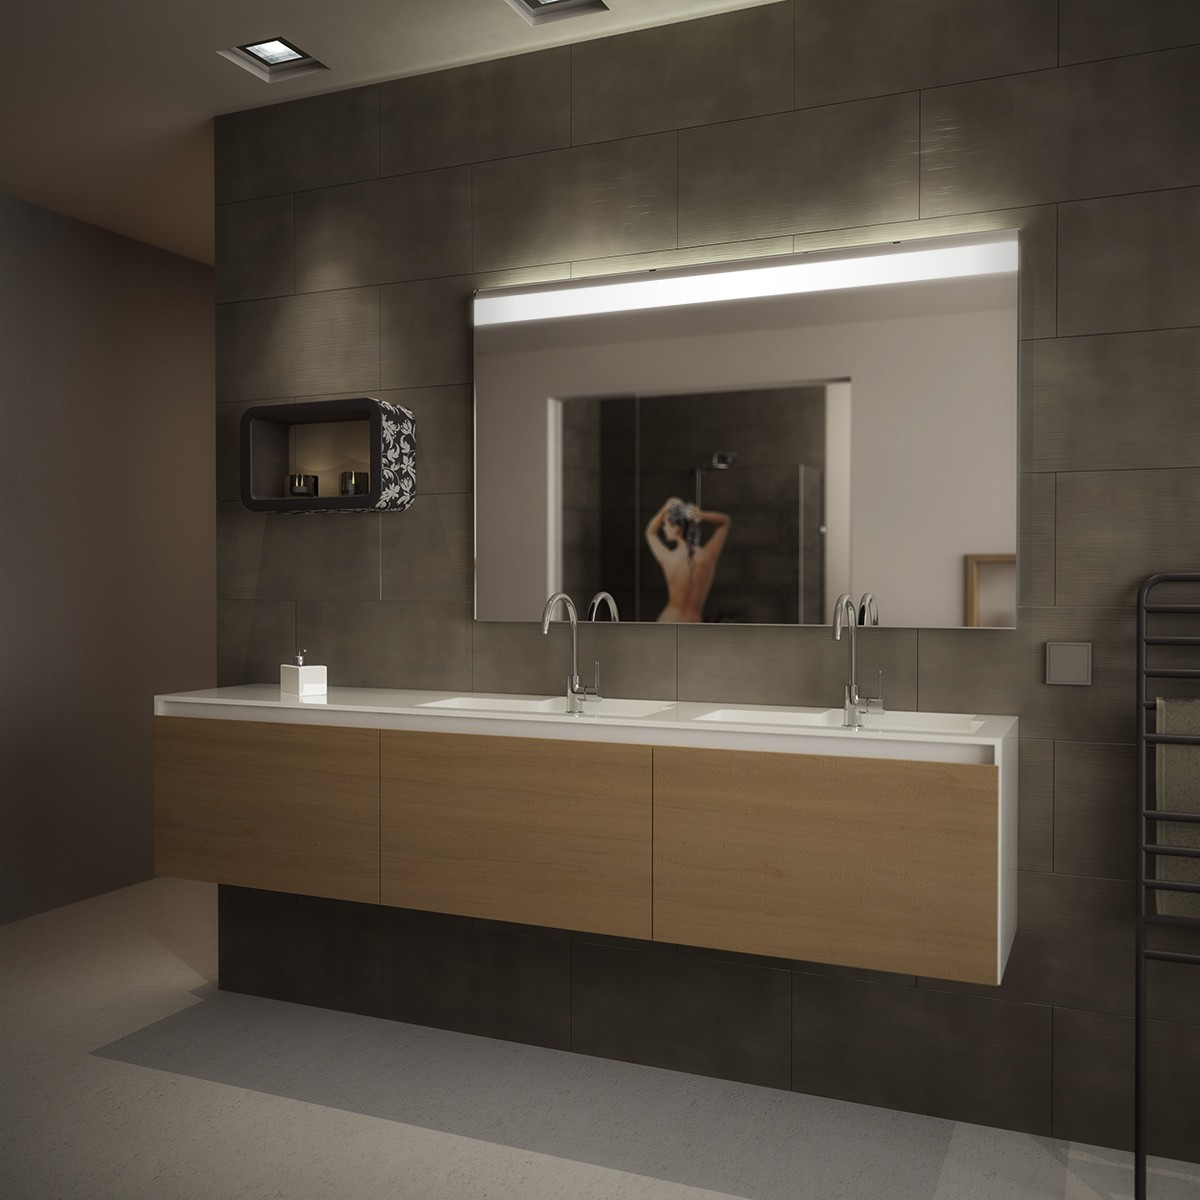 Spiegel Mit Beleuchtung  Wandspiegel mit Beleuchtung Zesah